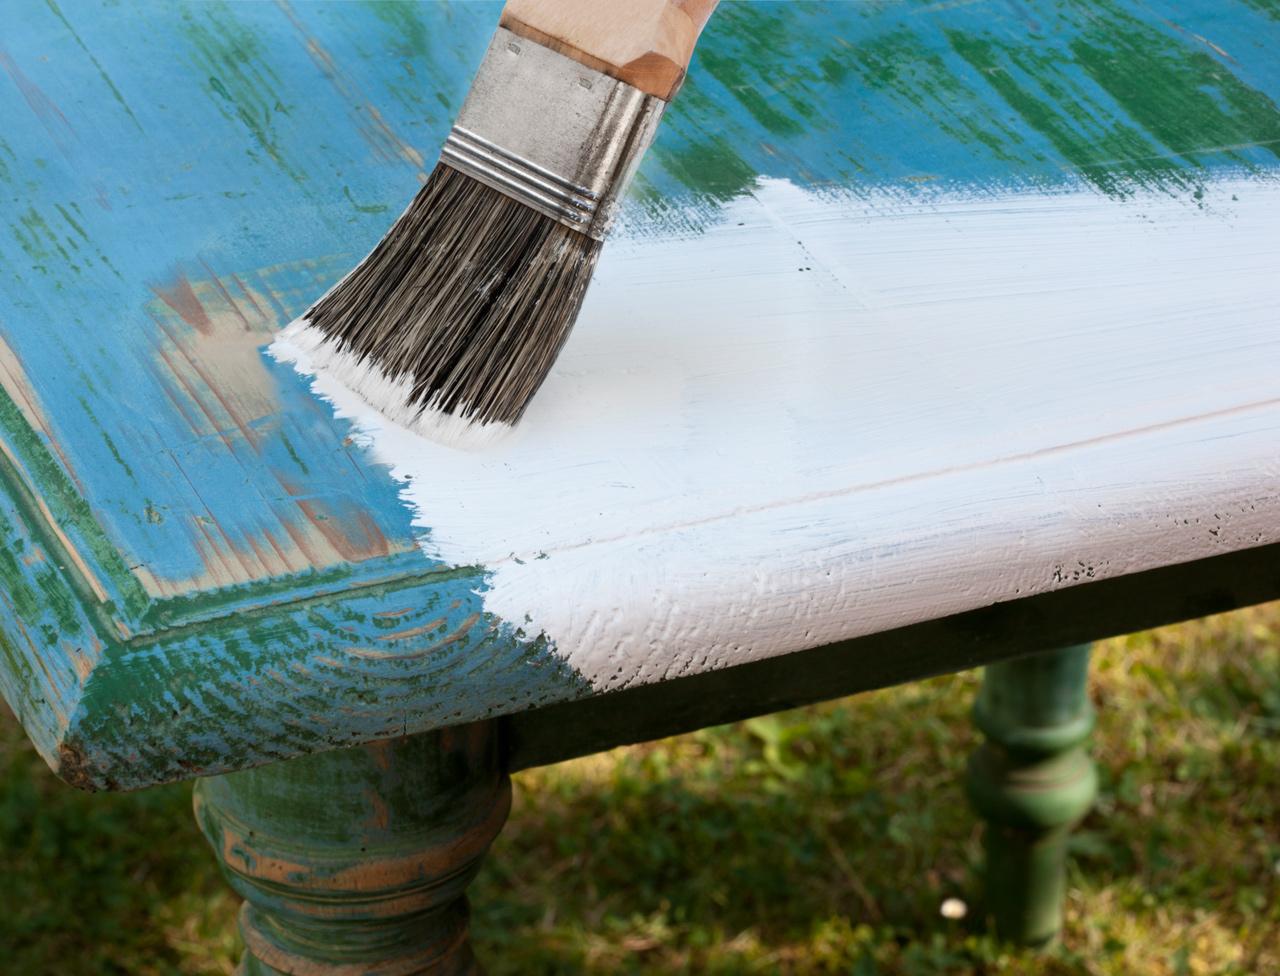 Patiner un meuble femme actuelle le mag - Peinturer ou peindre ...